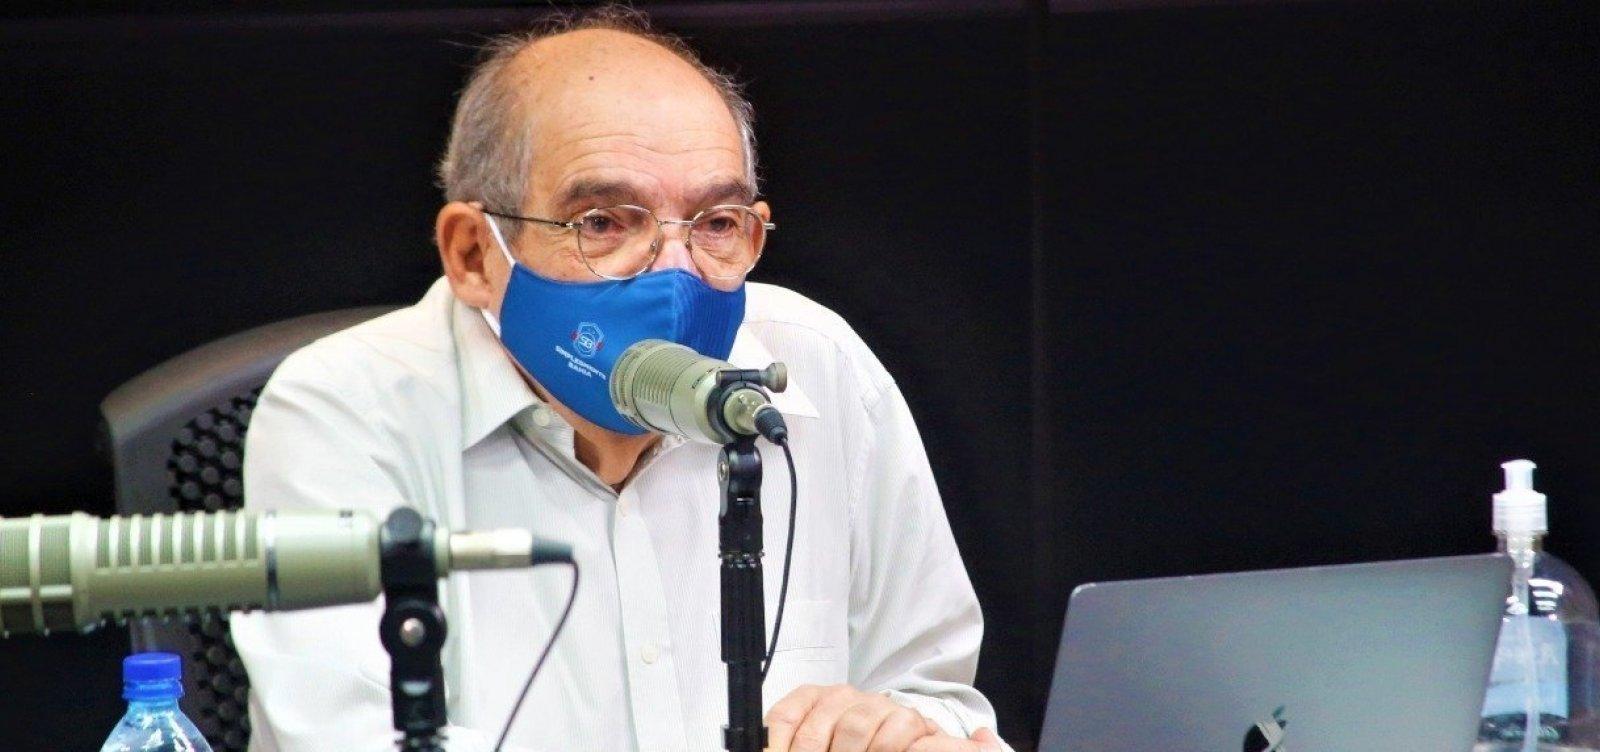 MK lamenta colapso da saúde em Manaus e critica 'logística avacalhada' do governo federal; ouça